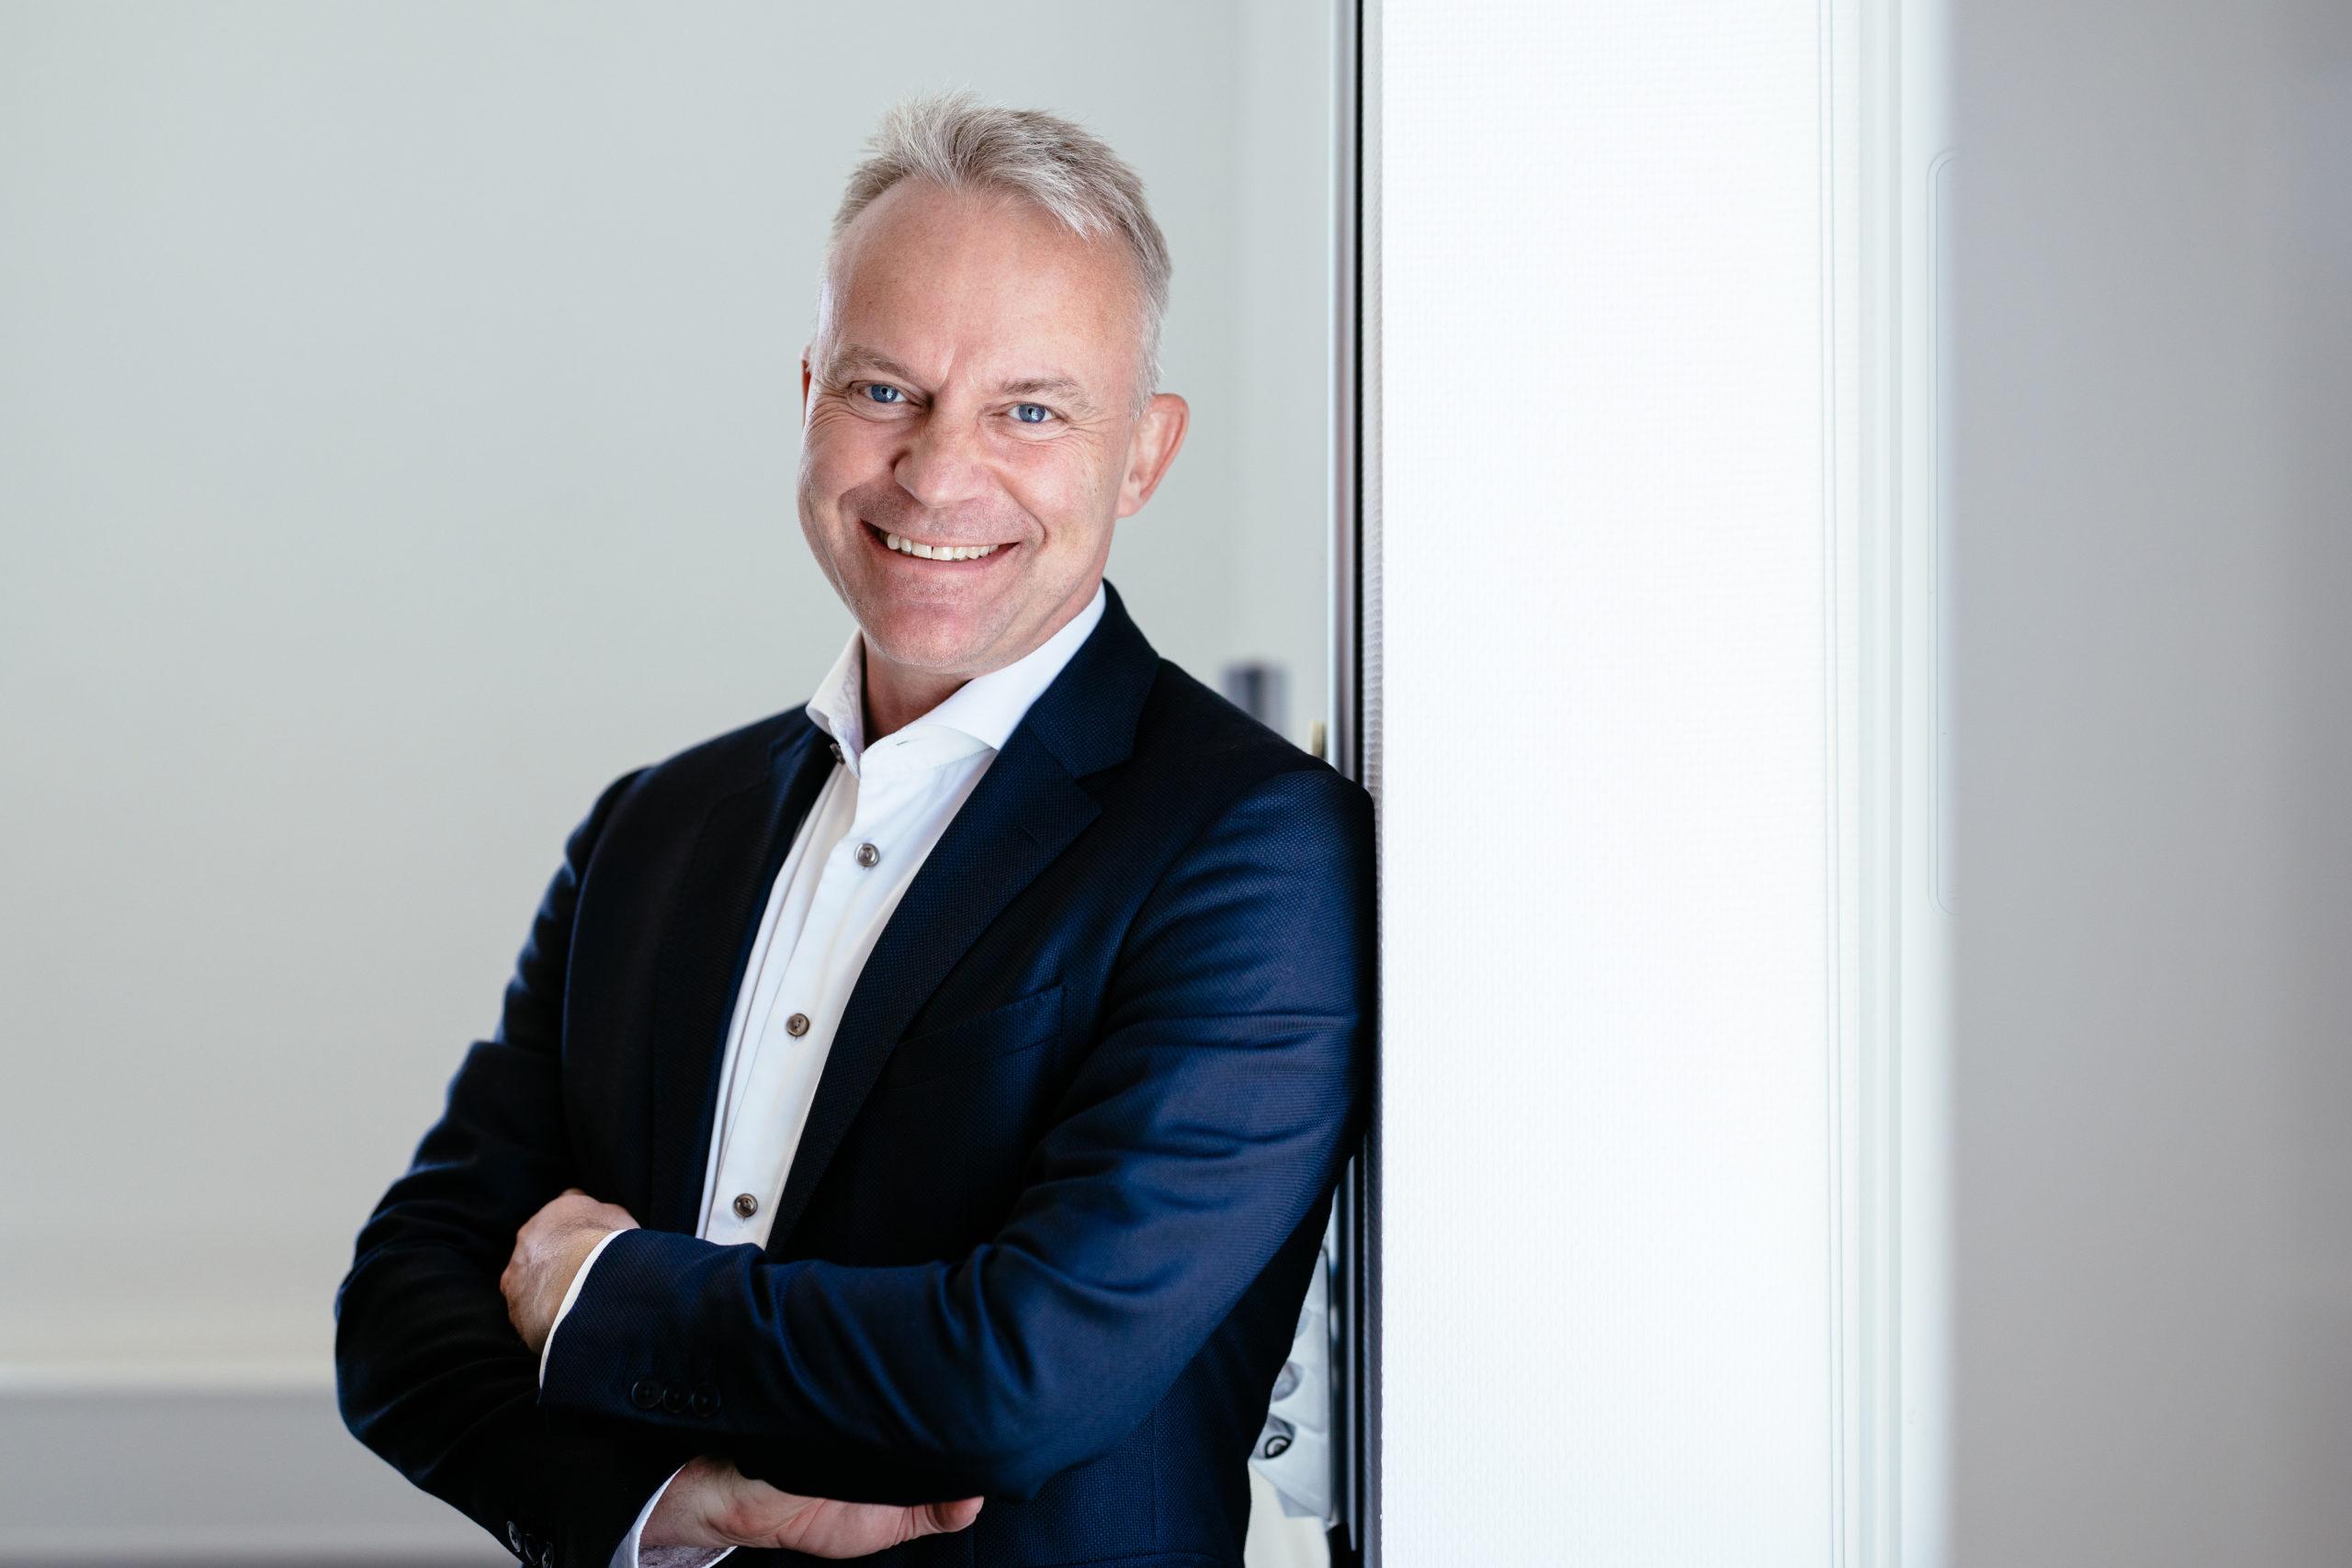 Salgsdirektør Lars Grandjean  - 360 Business Tool